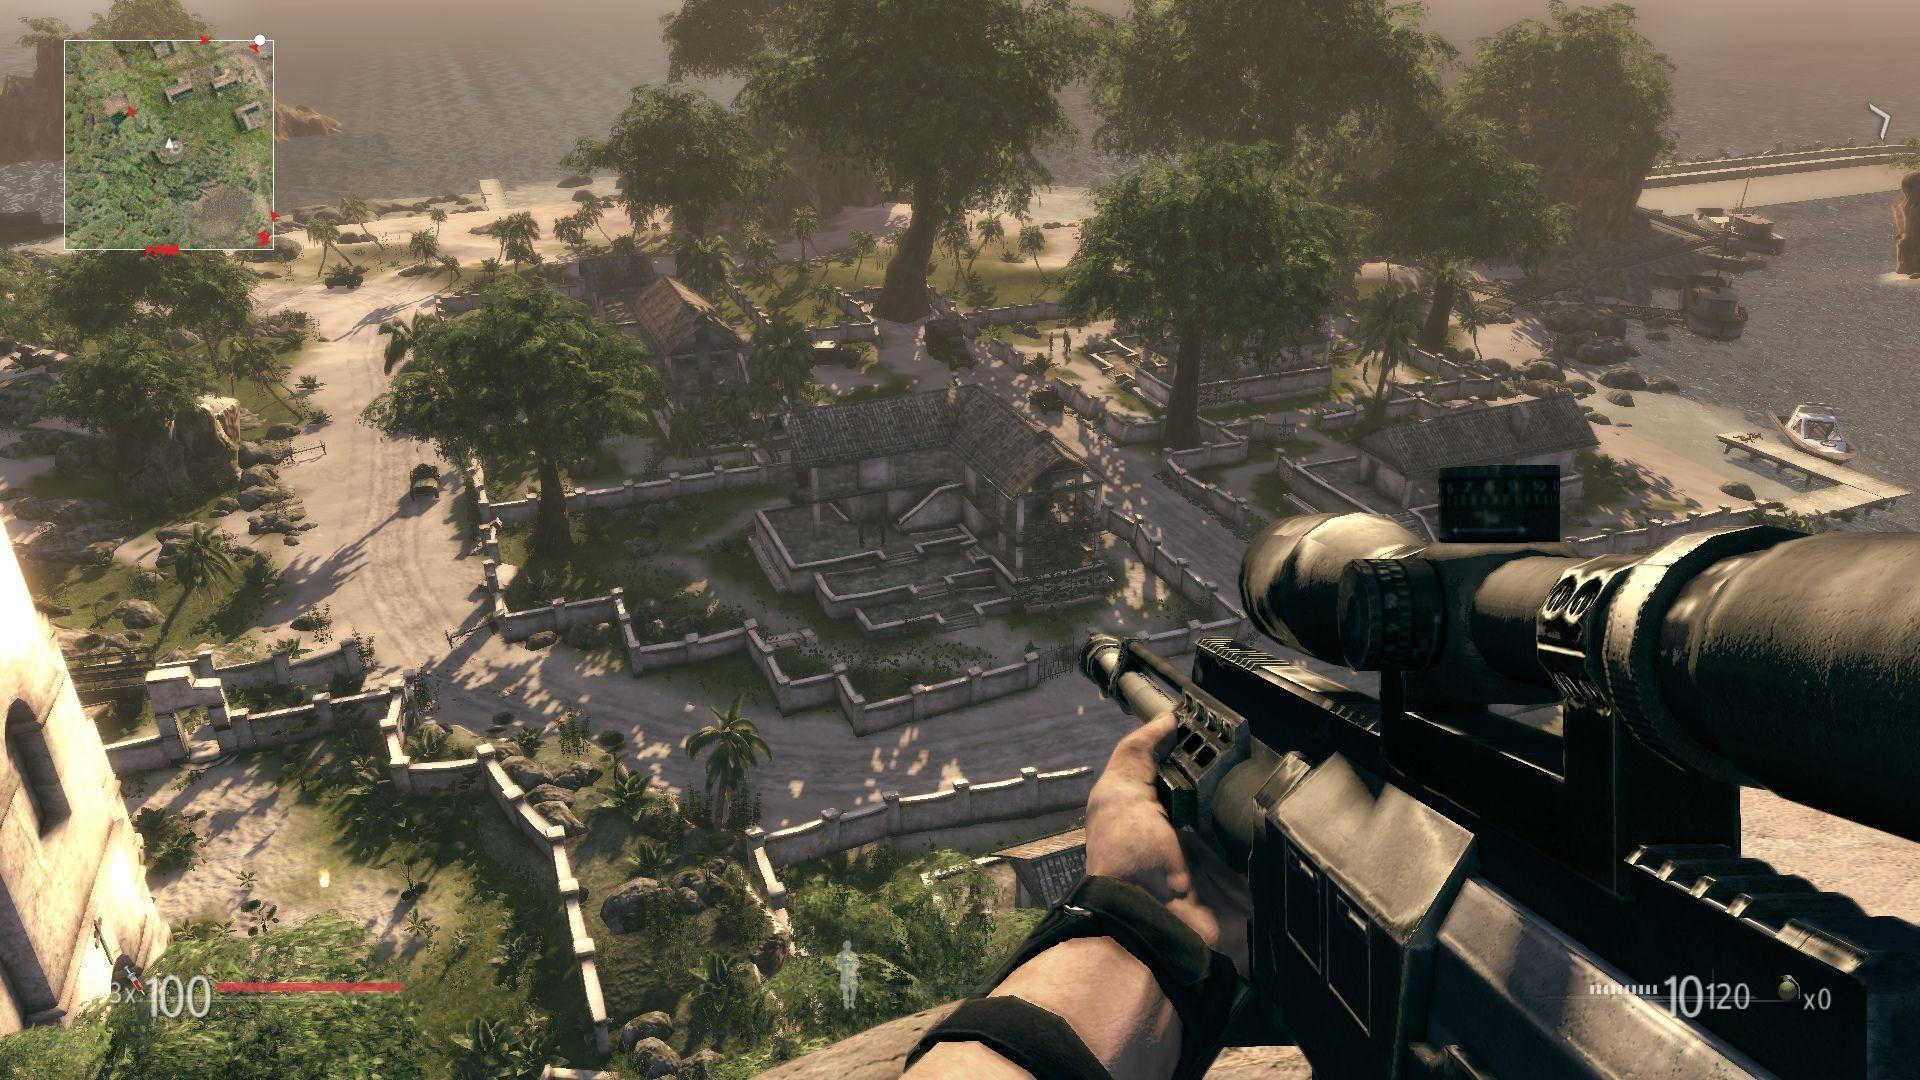 Снайпер игра скачать торрент 2018 Sniper, Warriors game